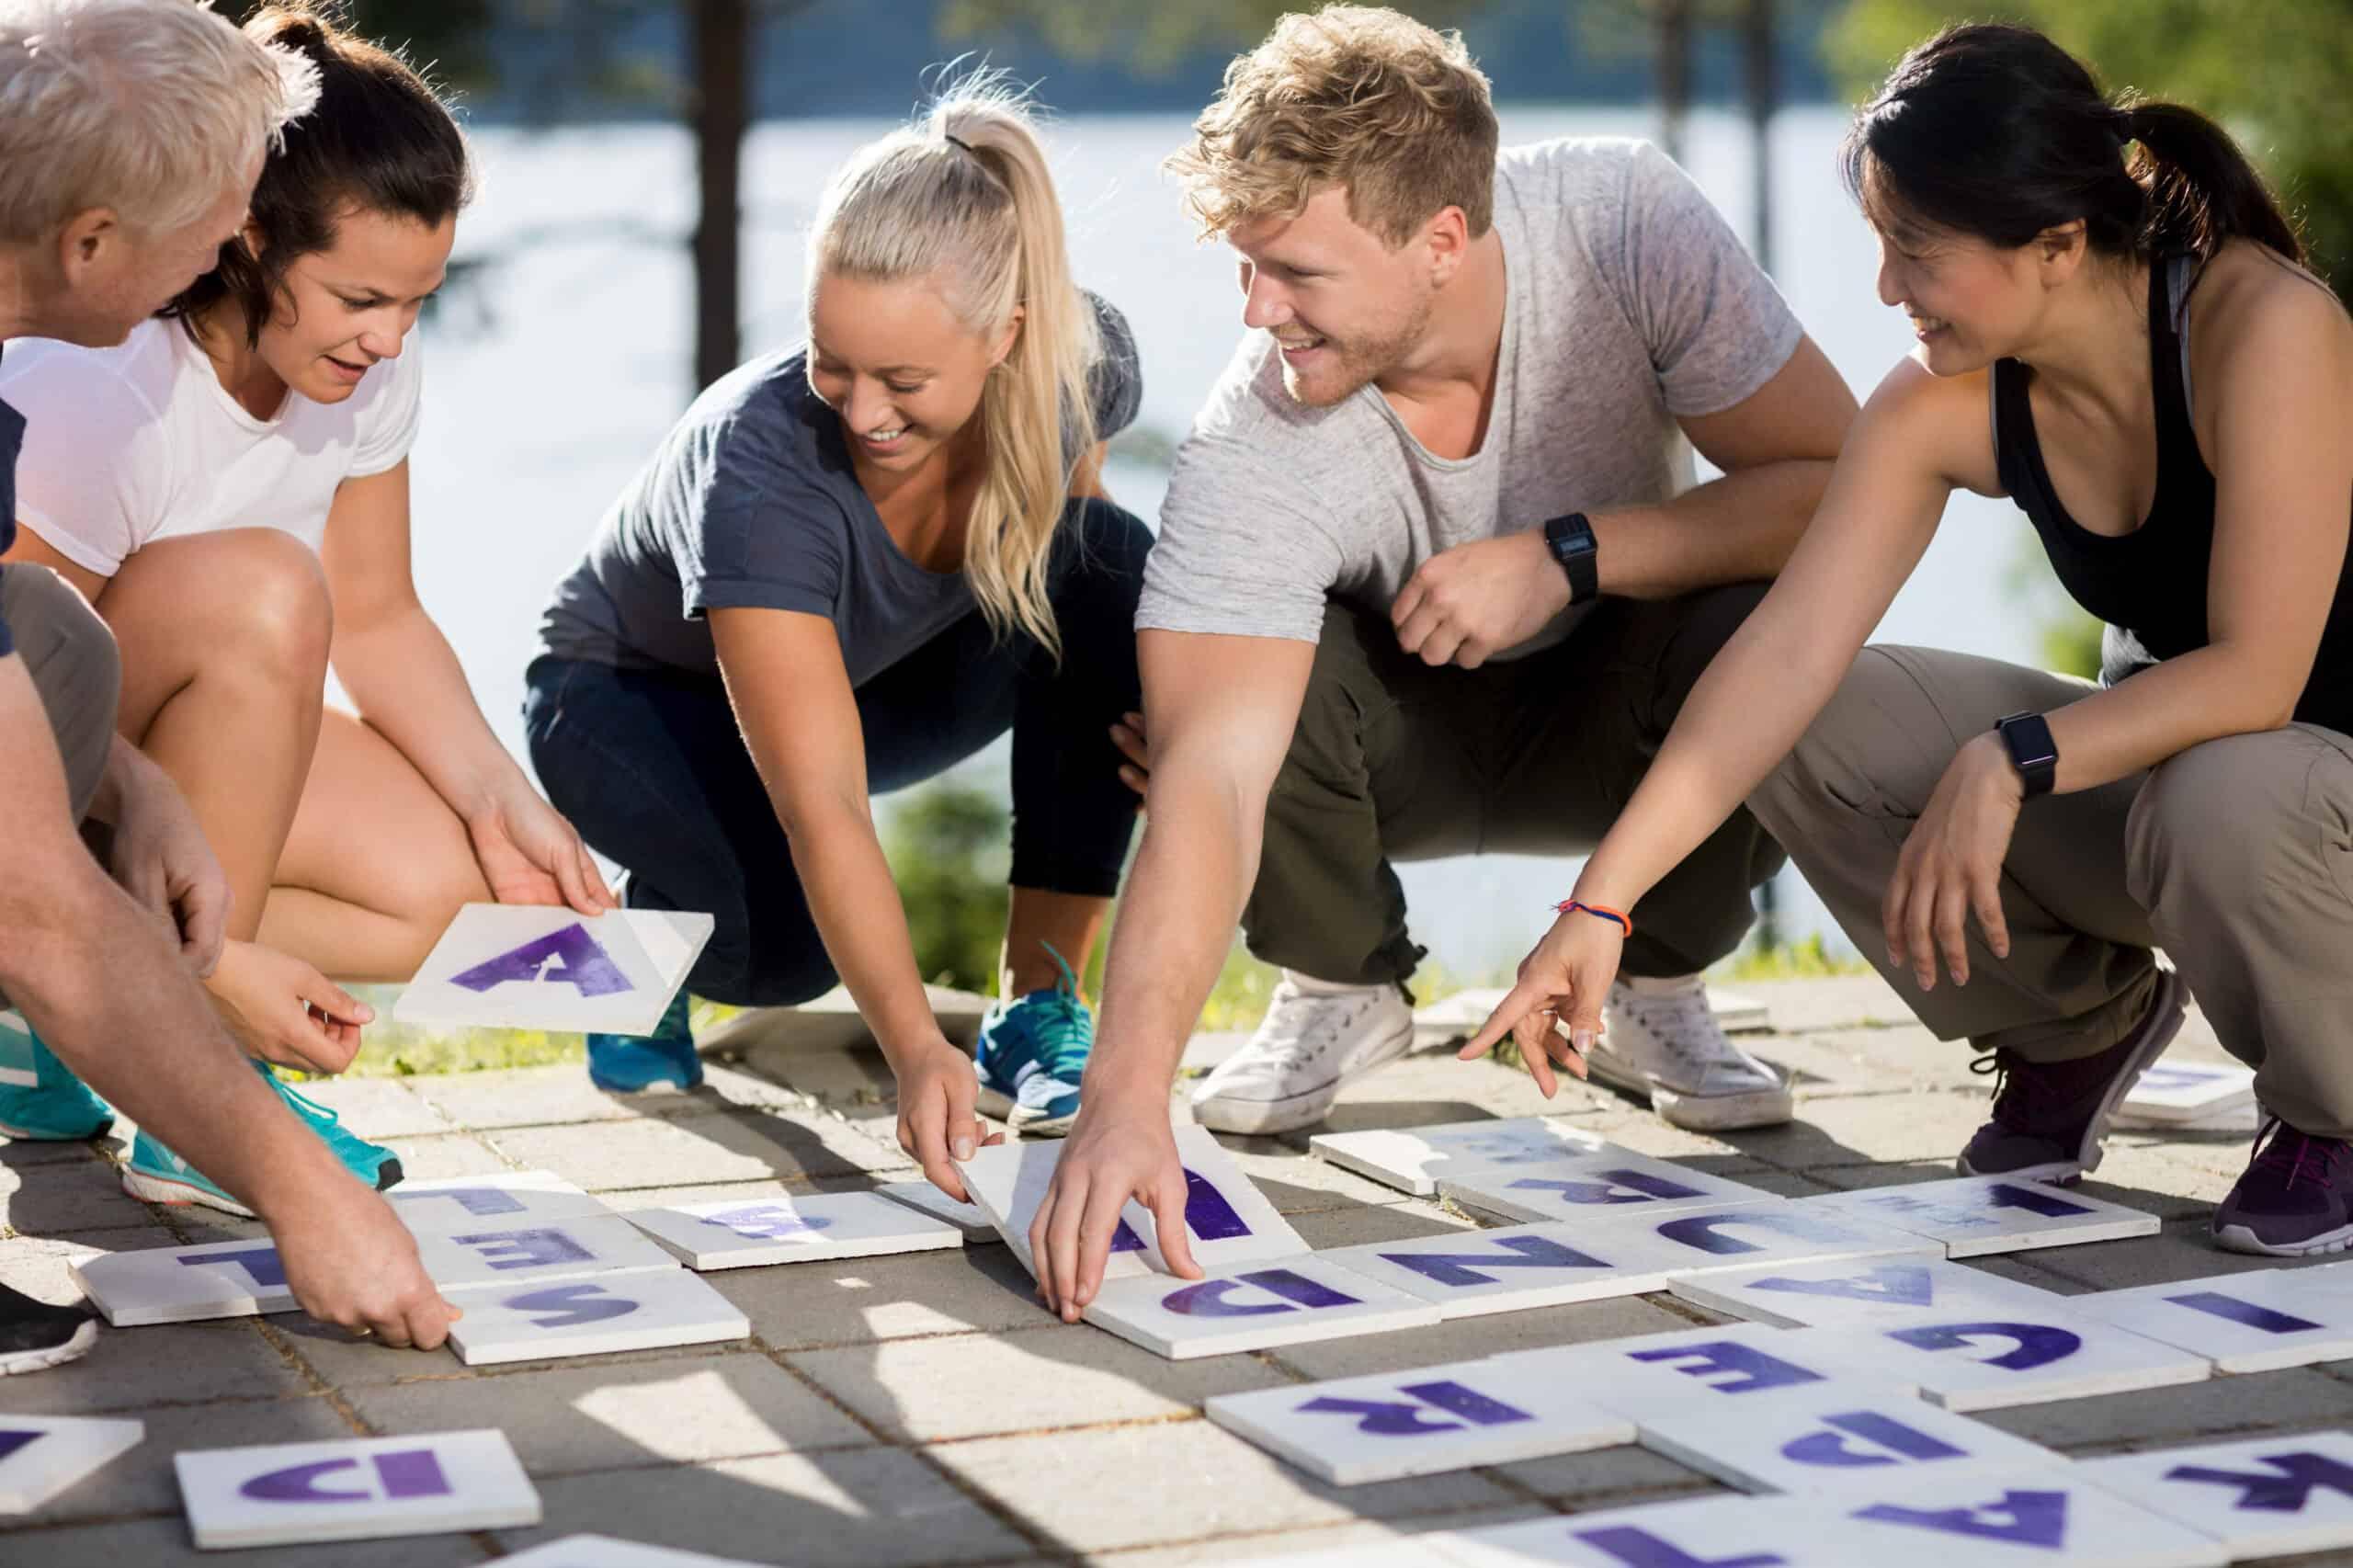 grupa osób układających hasła z liter